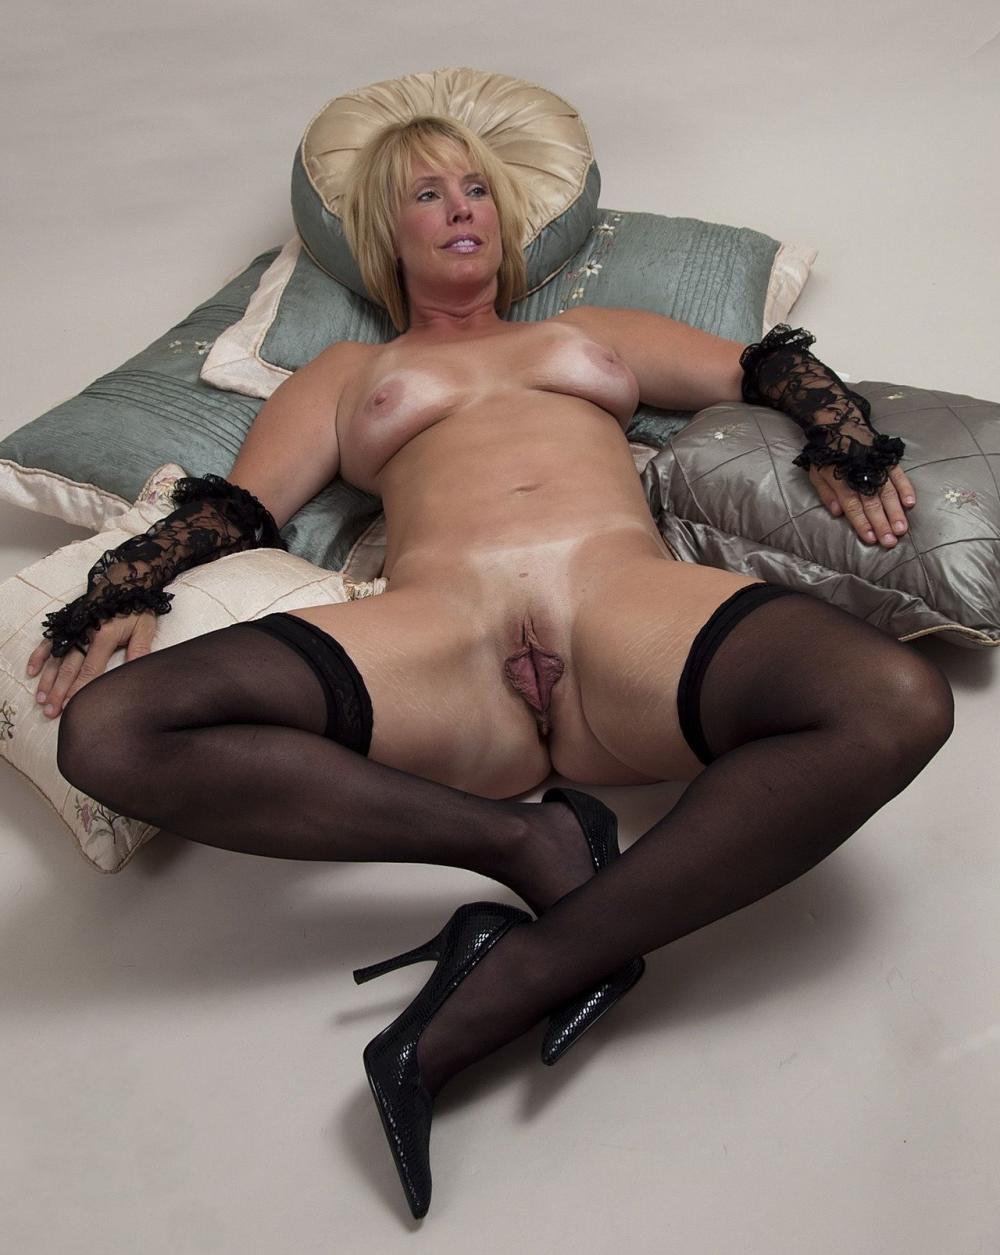 Красивые голые зрелые женщины блондинка с короткой стрижкой лежит на куче подушек, в черных гипюровых митенках, черные чулки, туфли на каблуках, ноги широко раздвинула показала свою красную розочку